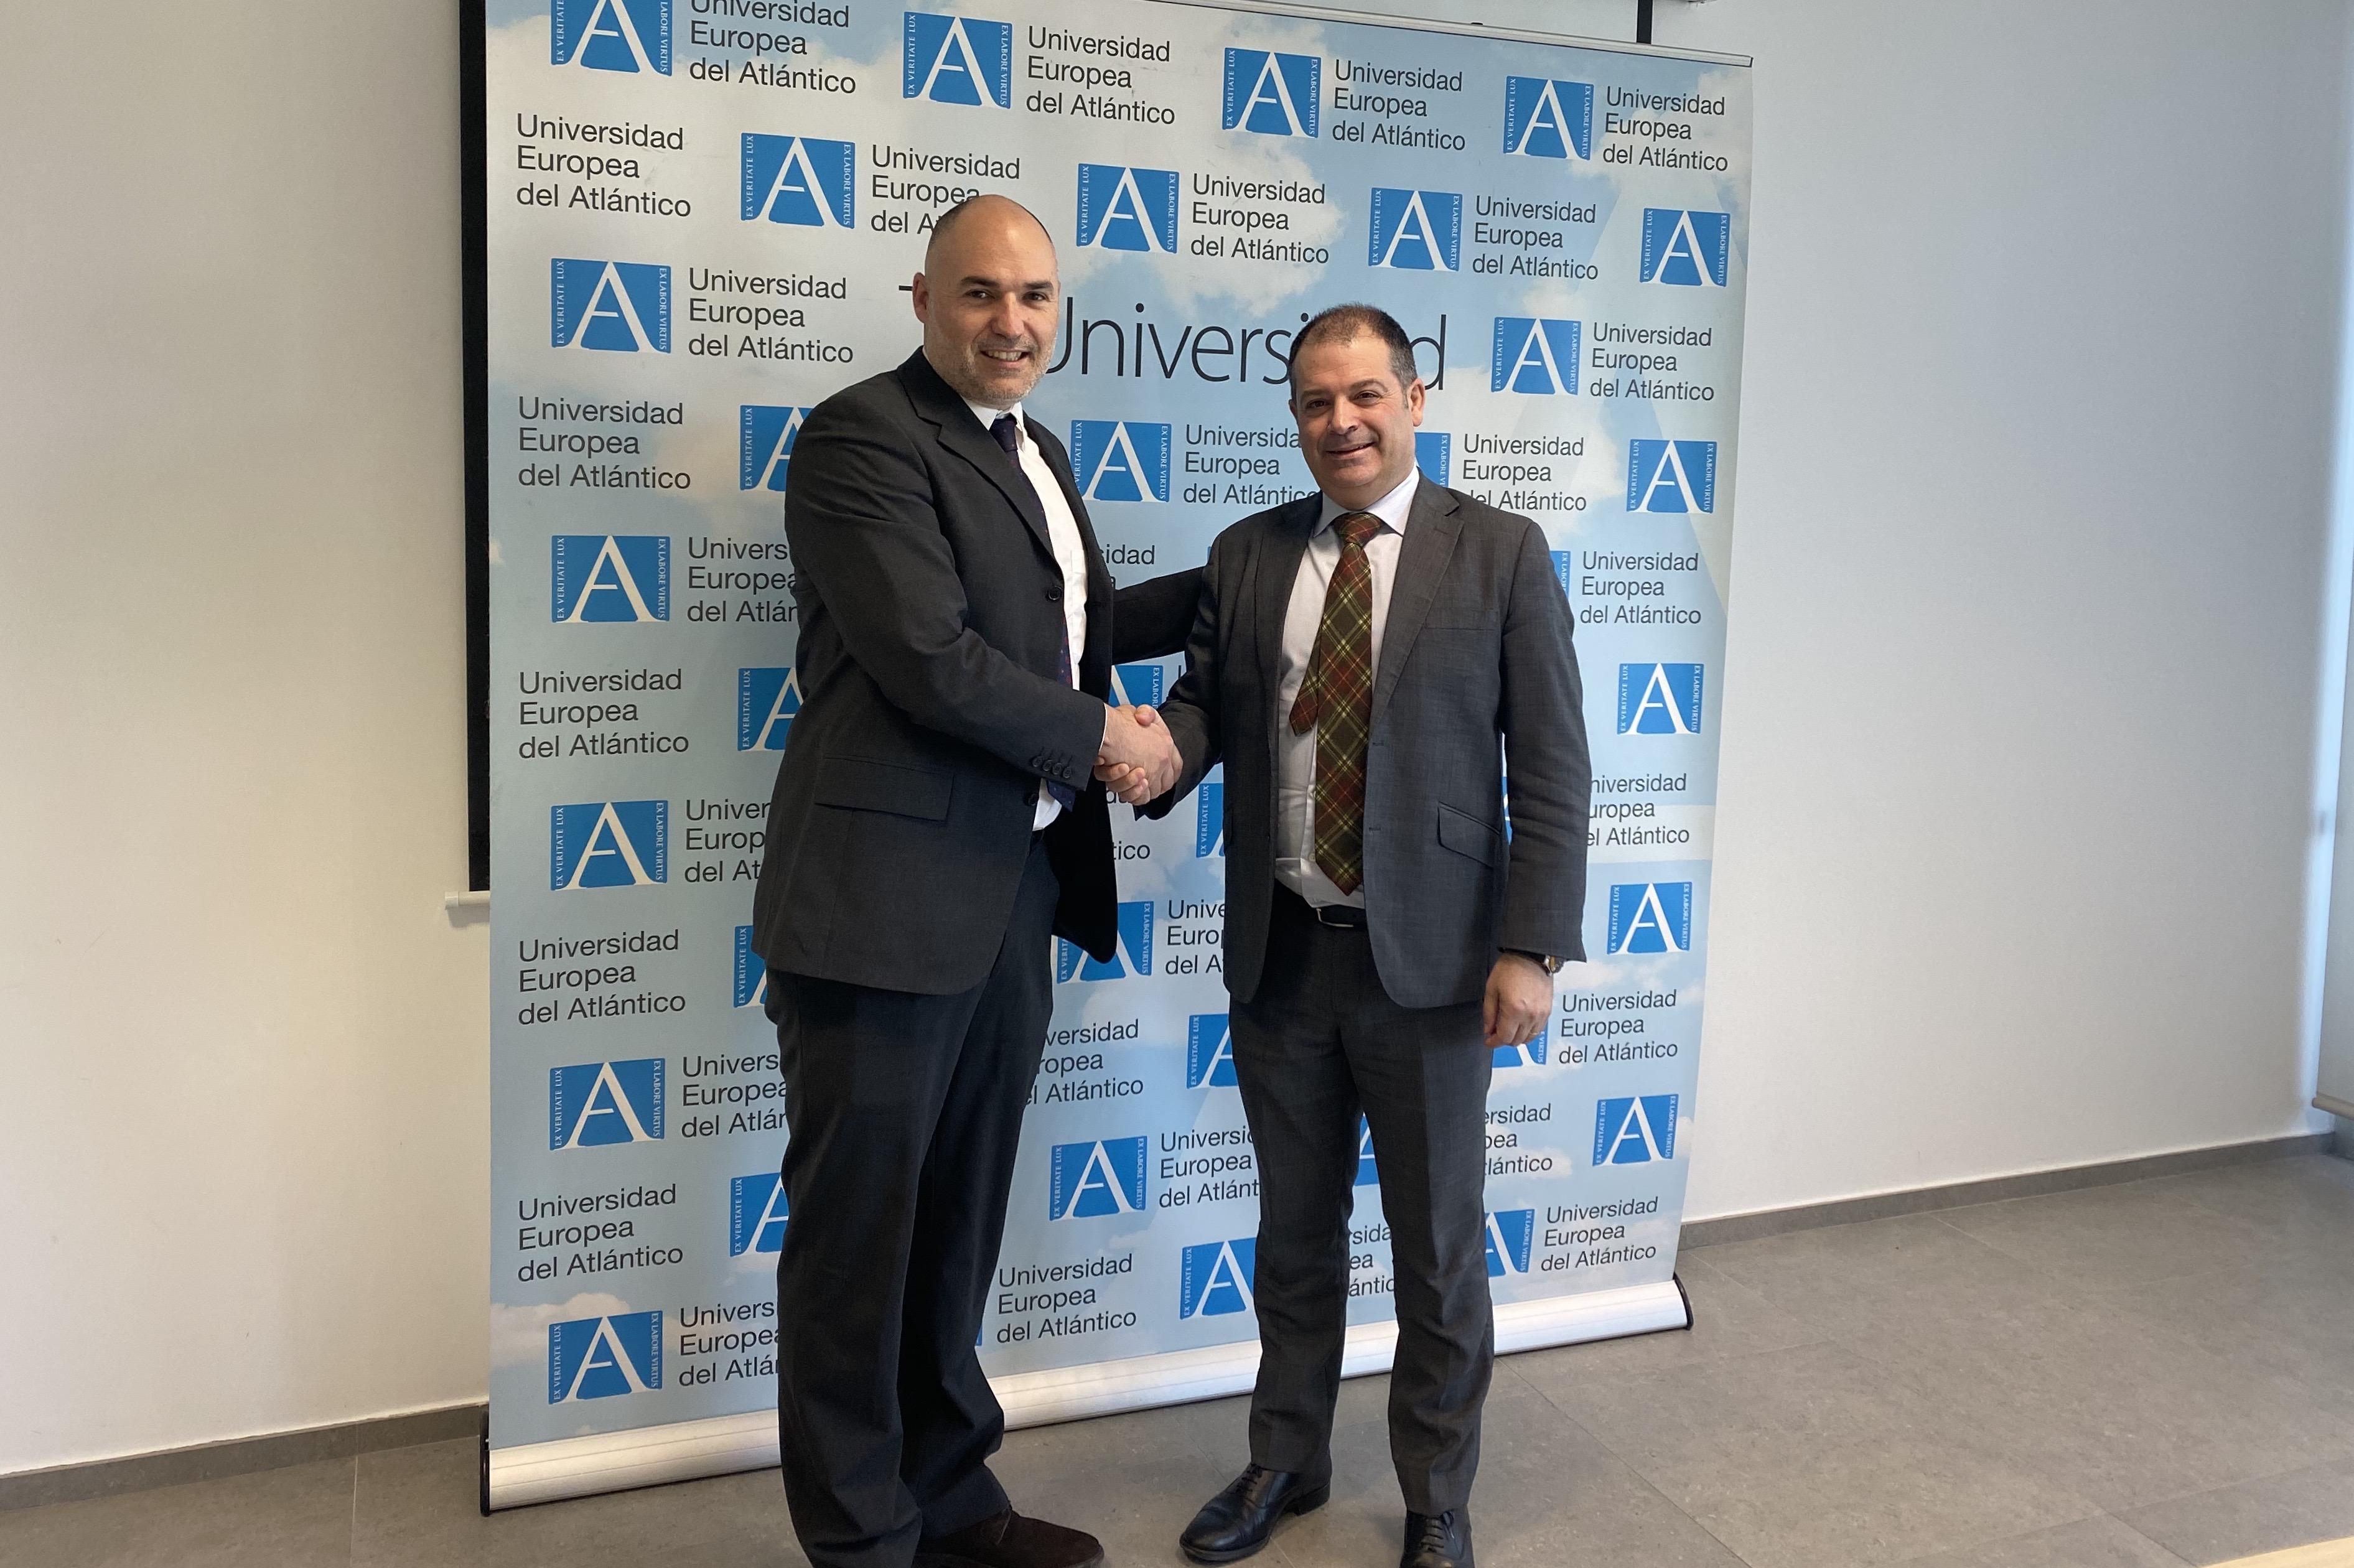 Firma del convenio con la Universidad Europea del Atlantico